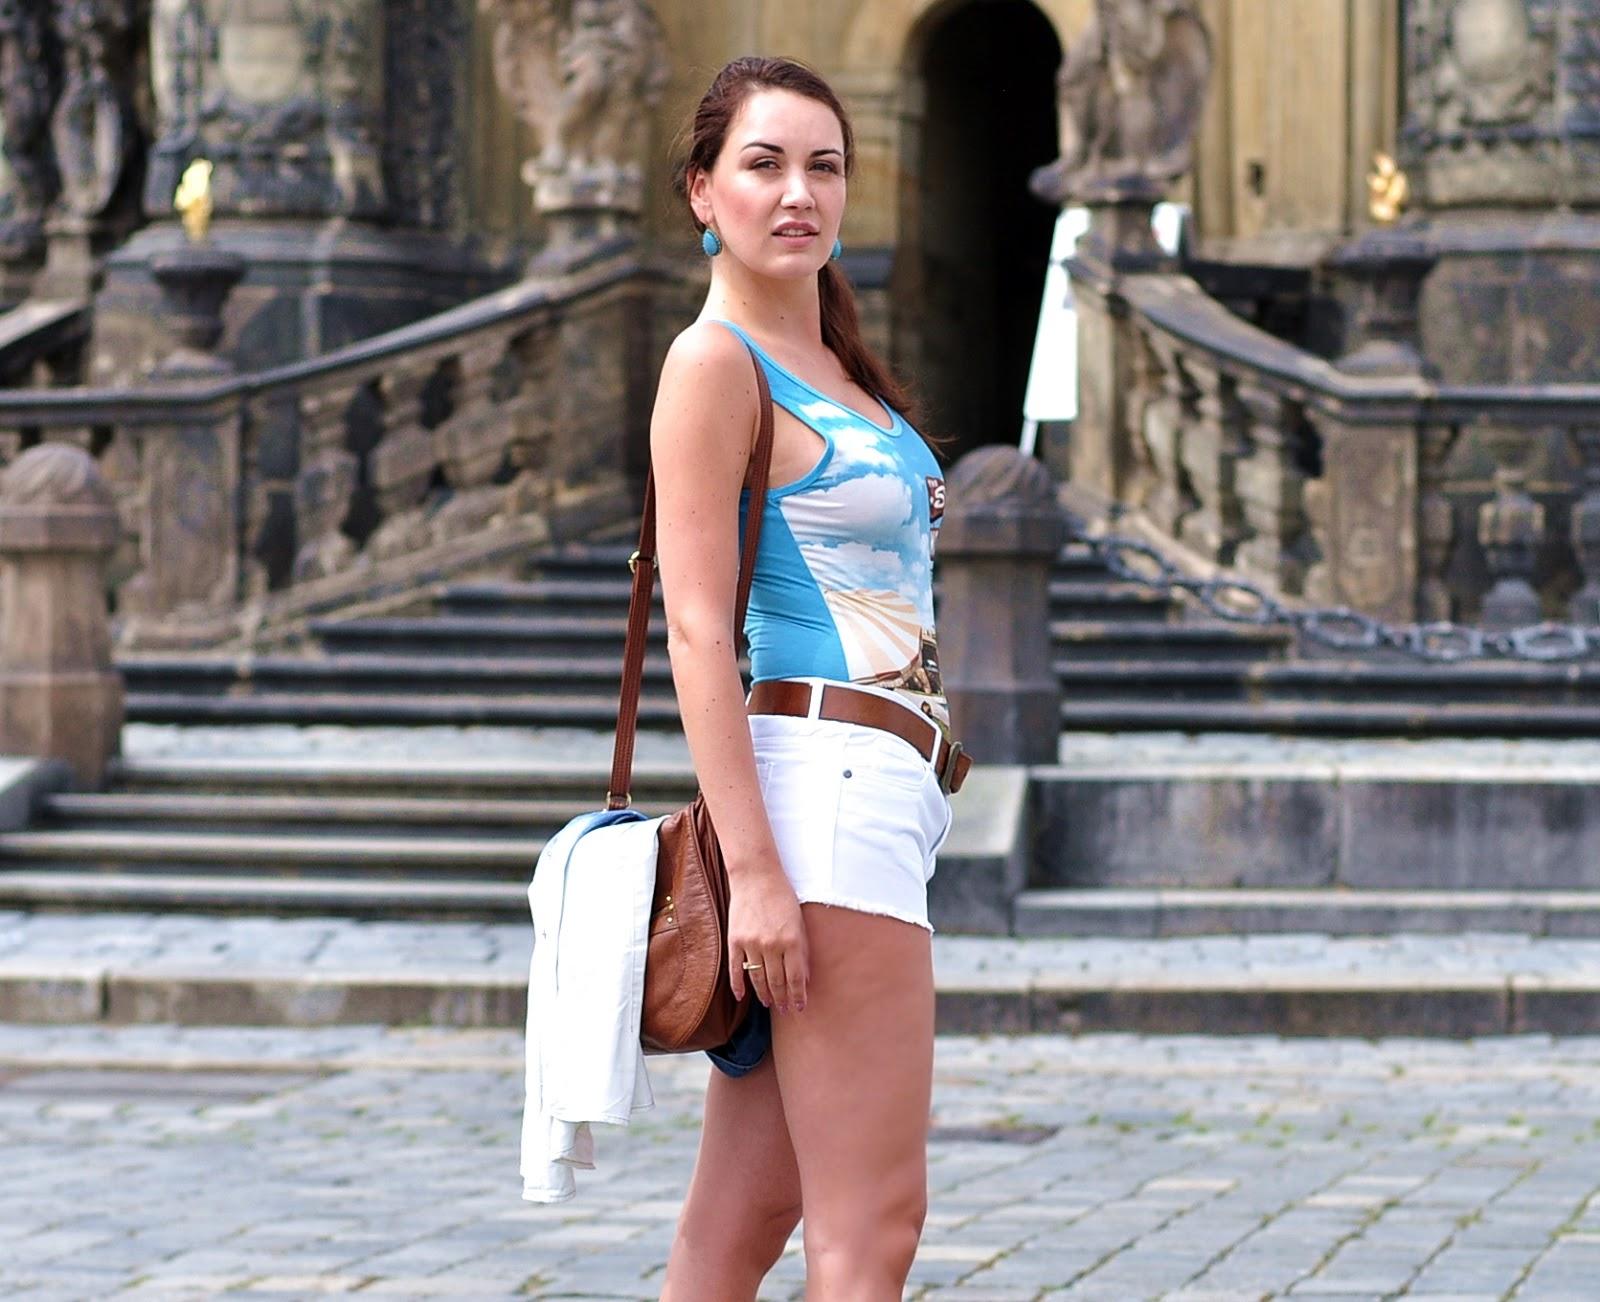 Veroniky módní deníček: Akvárko z Top Shopu - photo#40